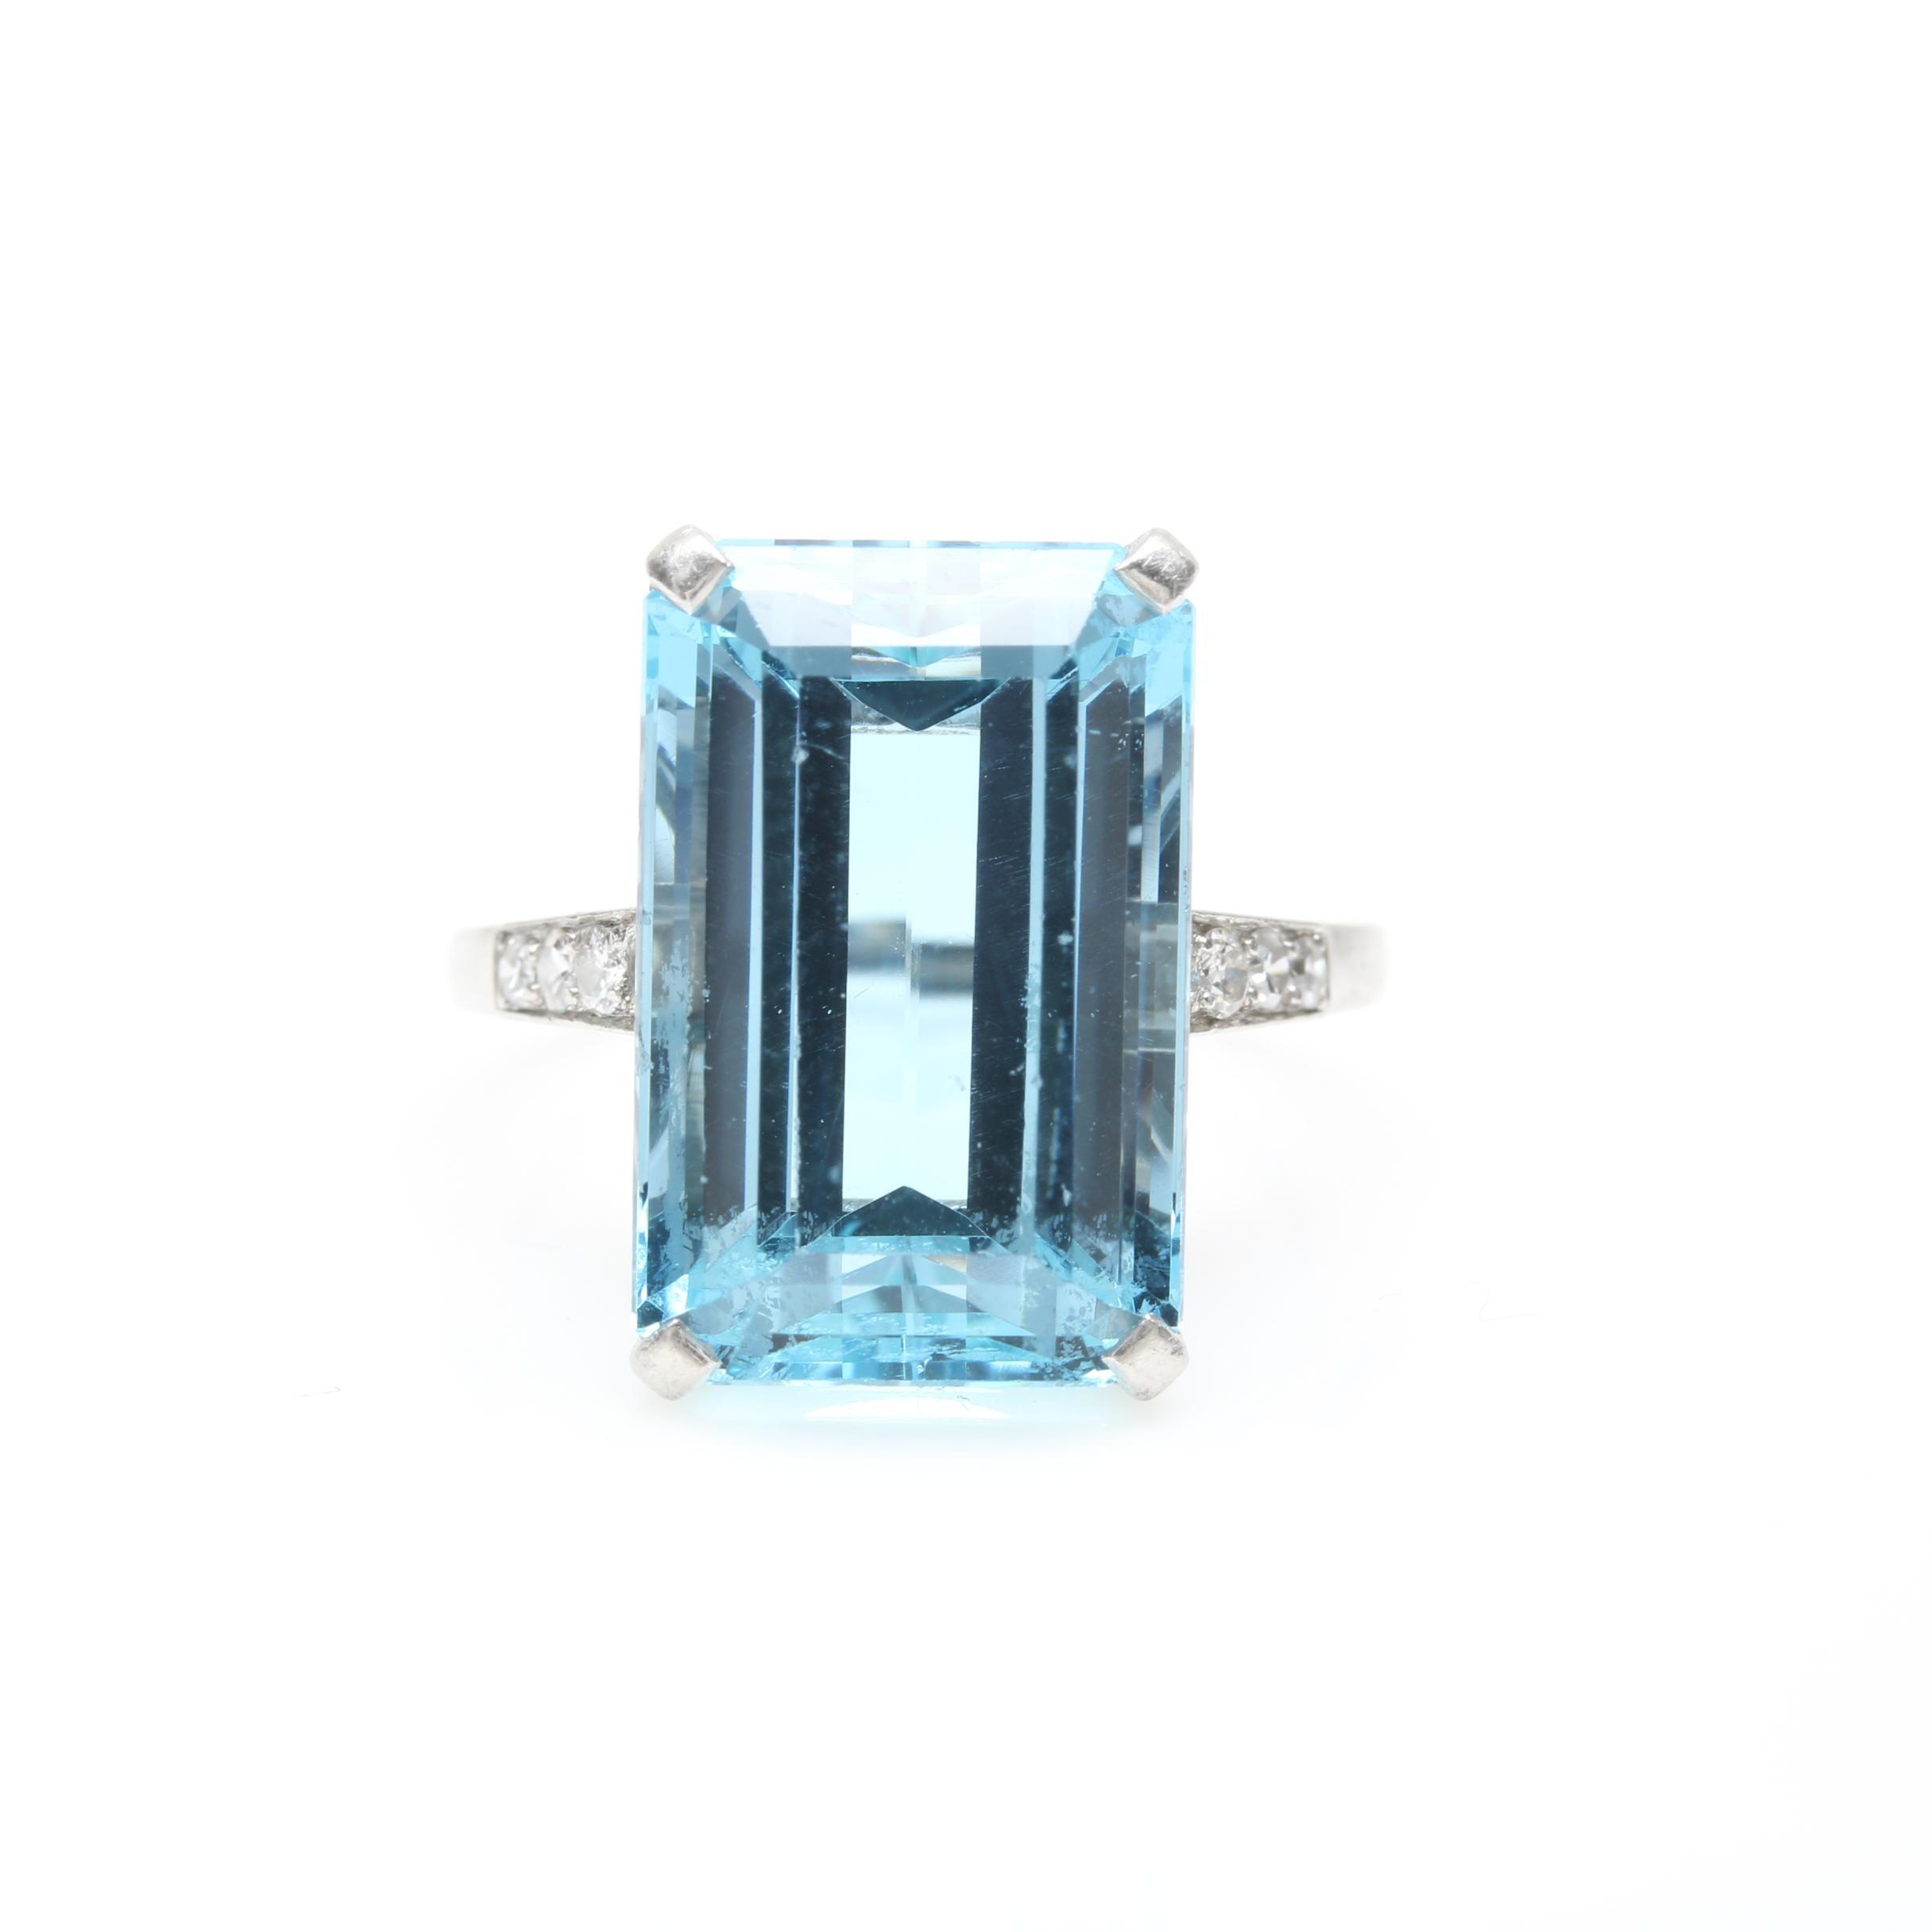 Platinum 9.96 CT Aquamarine and Diamond Ring